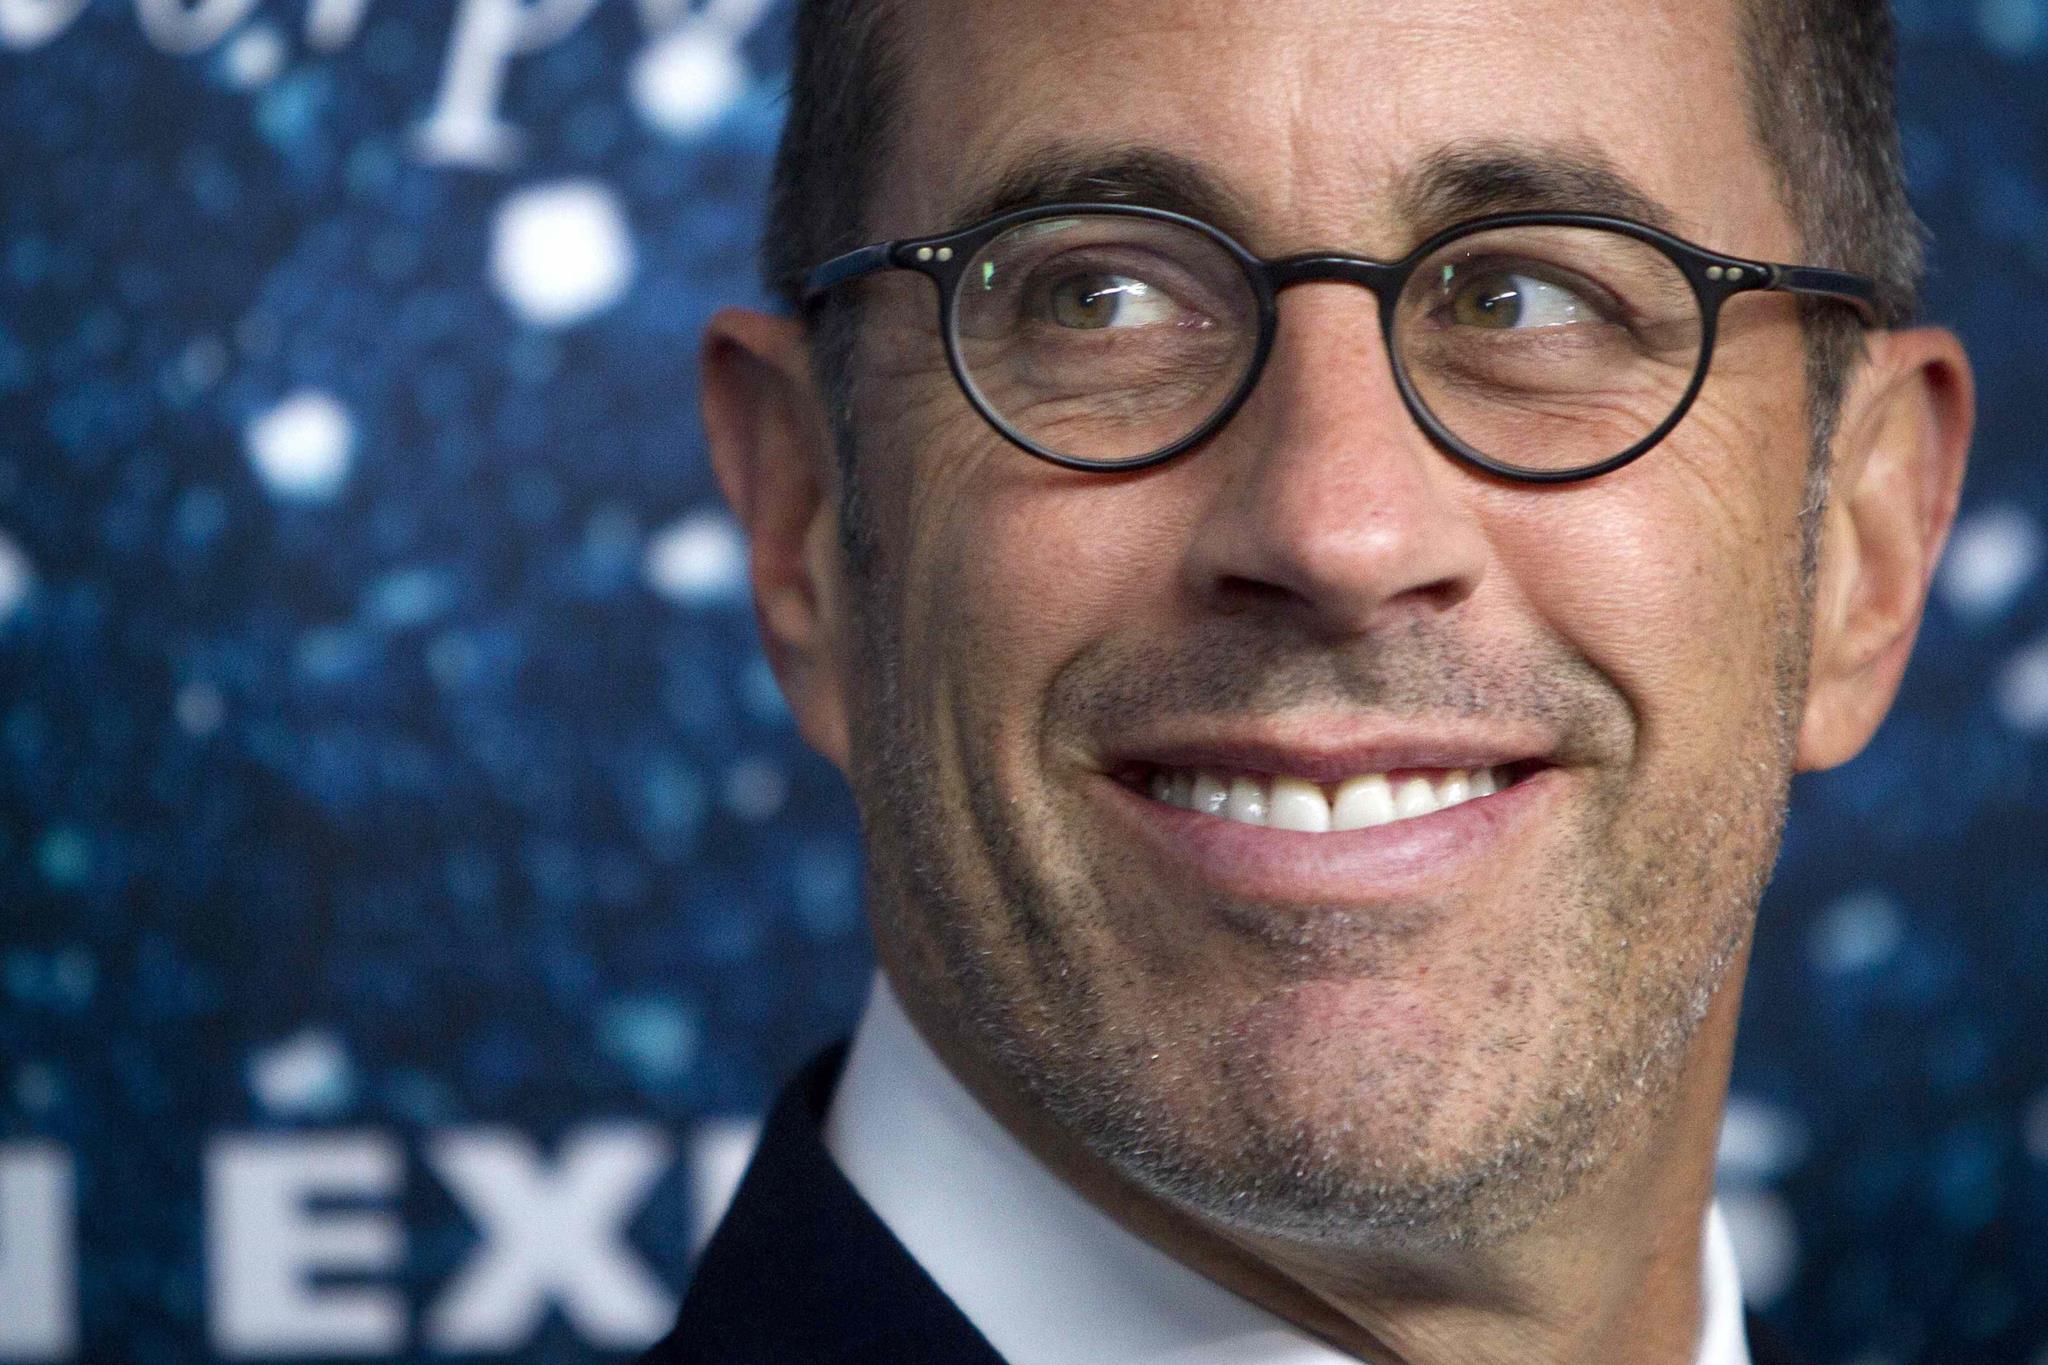 PÚBLICO - Seinfeld muda-se para o Netflix com os seus comediantes, carros e cafés